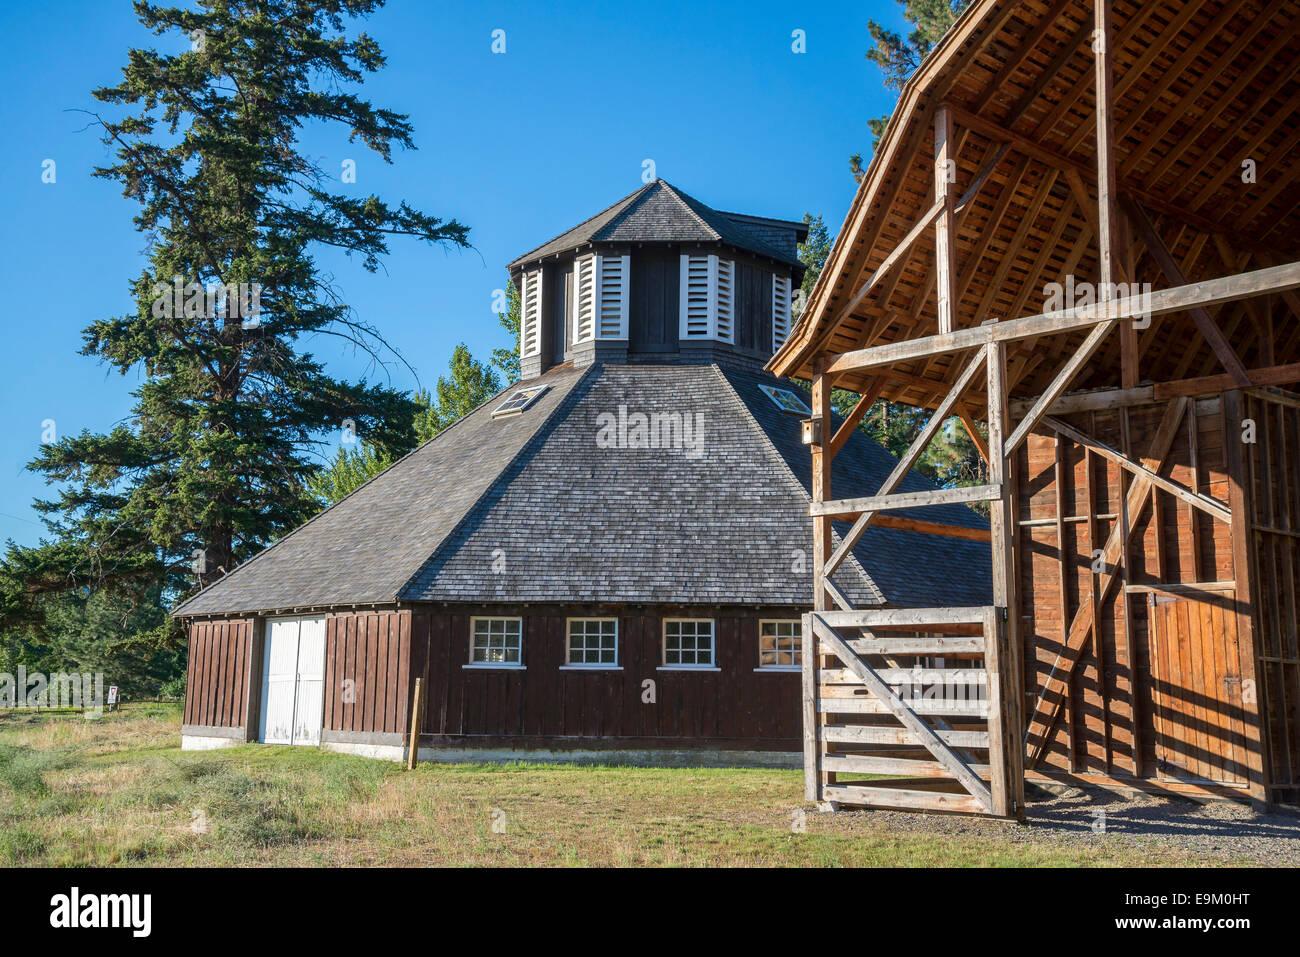 Storico caseificio ottagonale granaio, Fintry Parco Provinciale, Okanagan Valley, British Columbia, Canada Immagini Stock